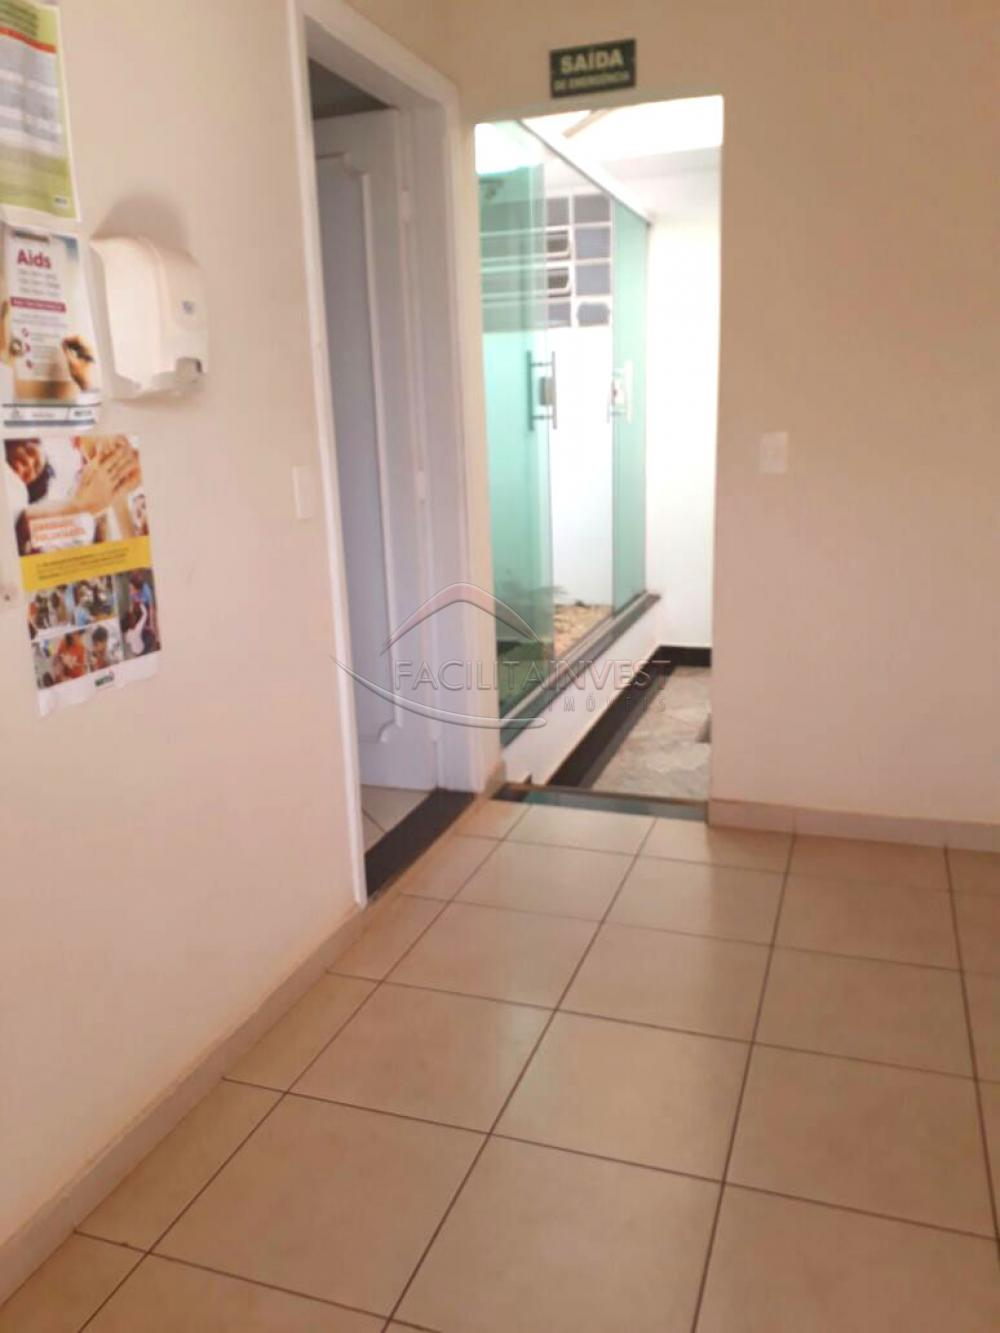 Comprar Casa Padrão / Casa Padrão em Ribeirão Preto R$ 1.600.000,00 - Foto 6